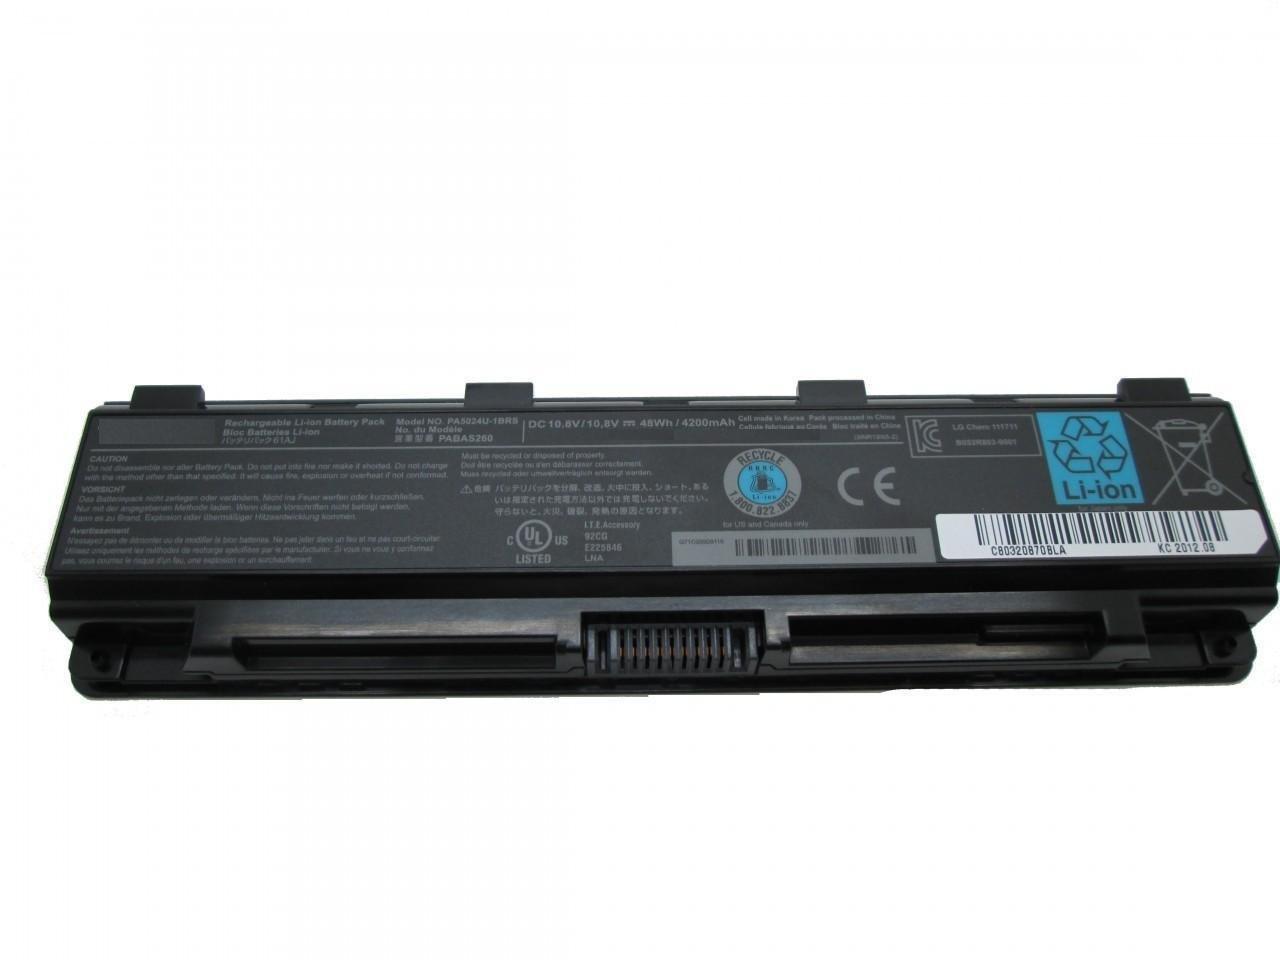 Toshiba satellite C875 C875D L70 L70D L75 L75D L840 compatible laptop battery